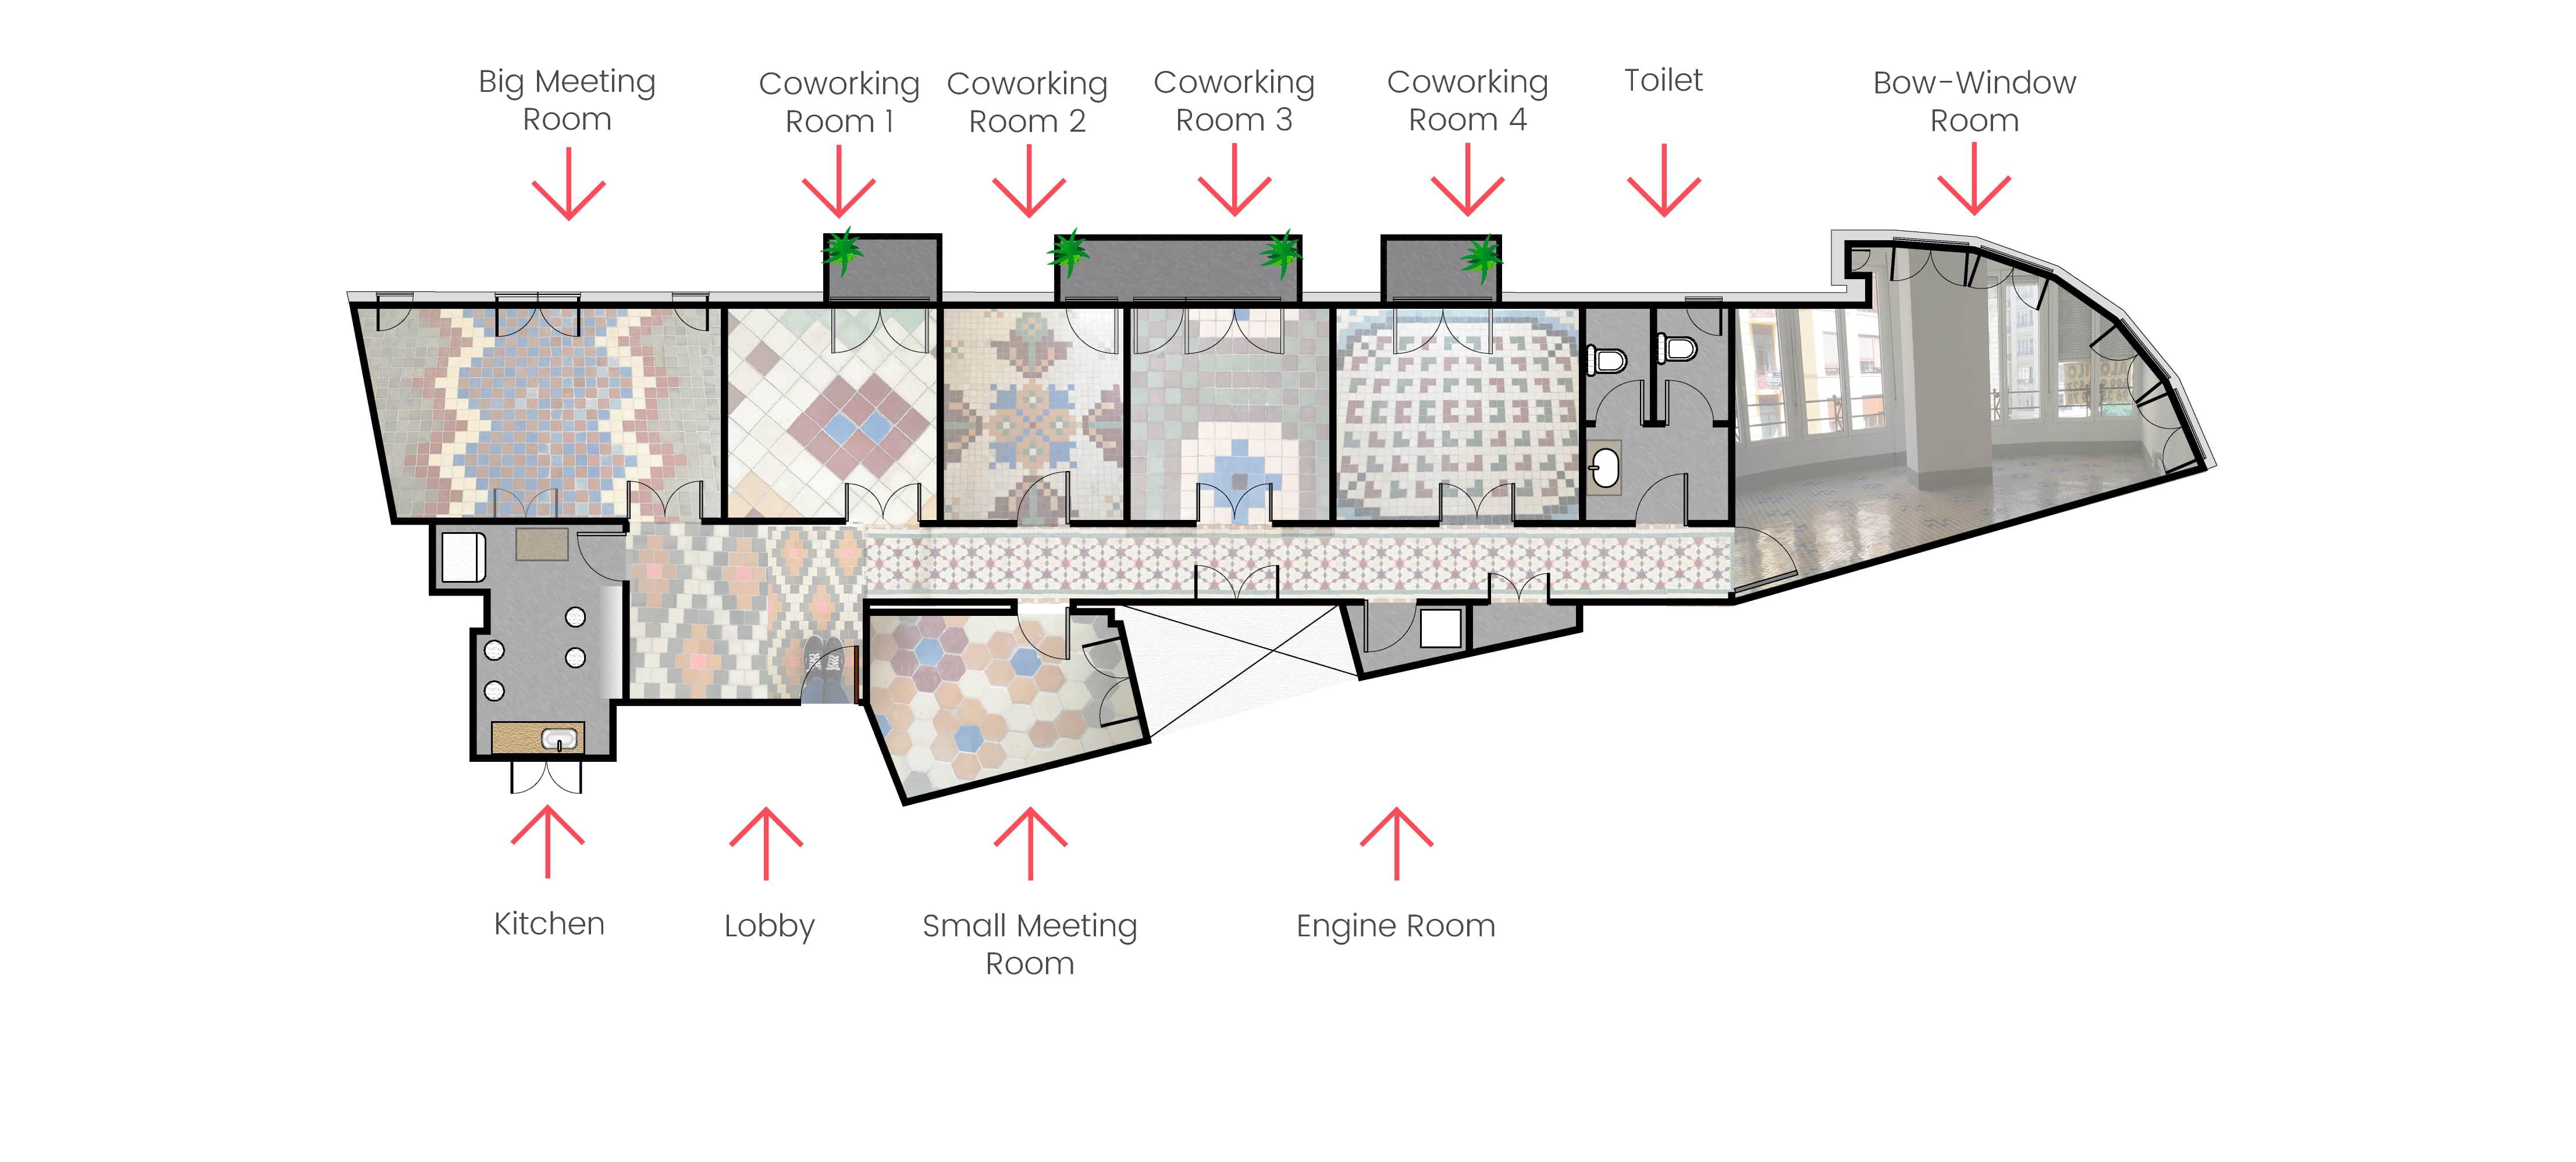 Plano descriptivo con todas las salas de Mosaico Coworking